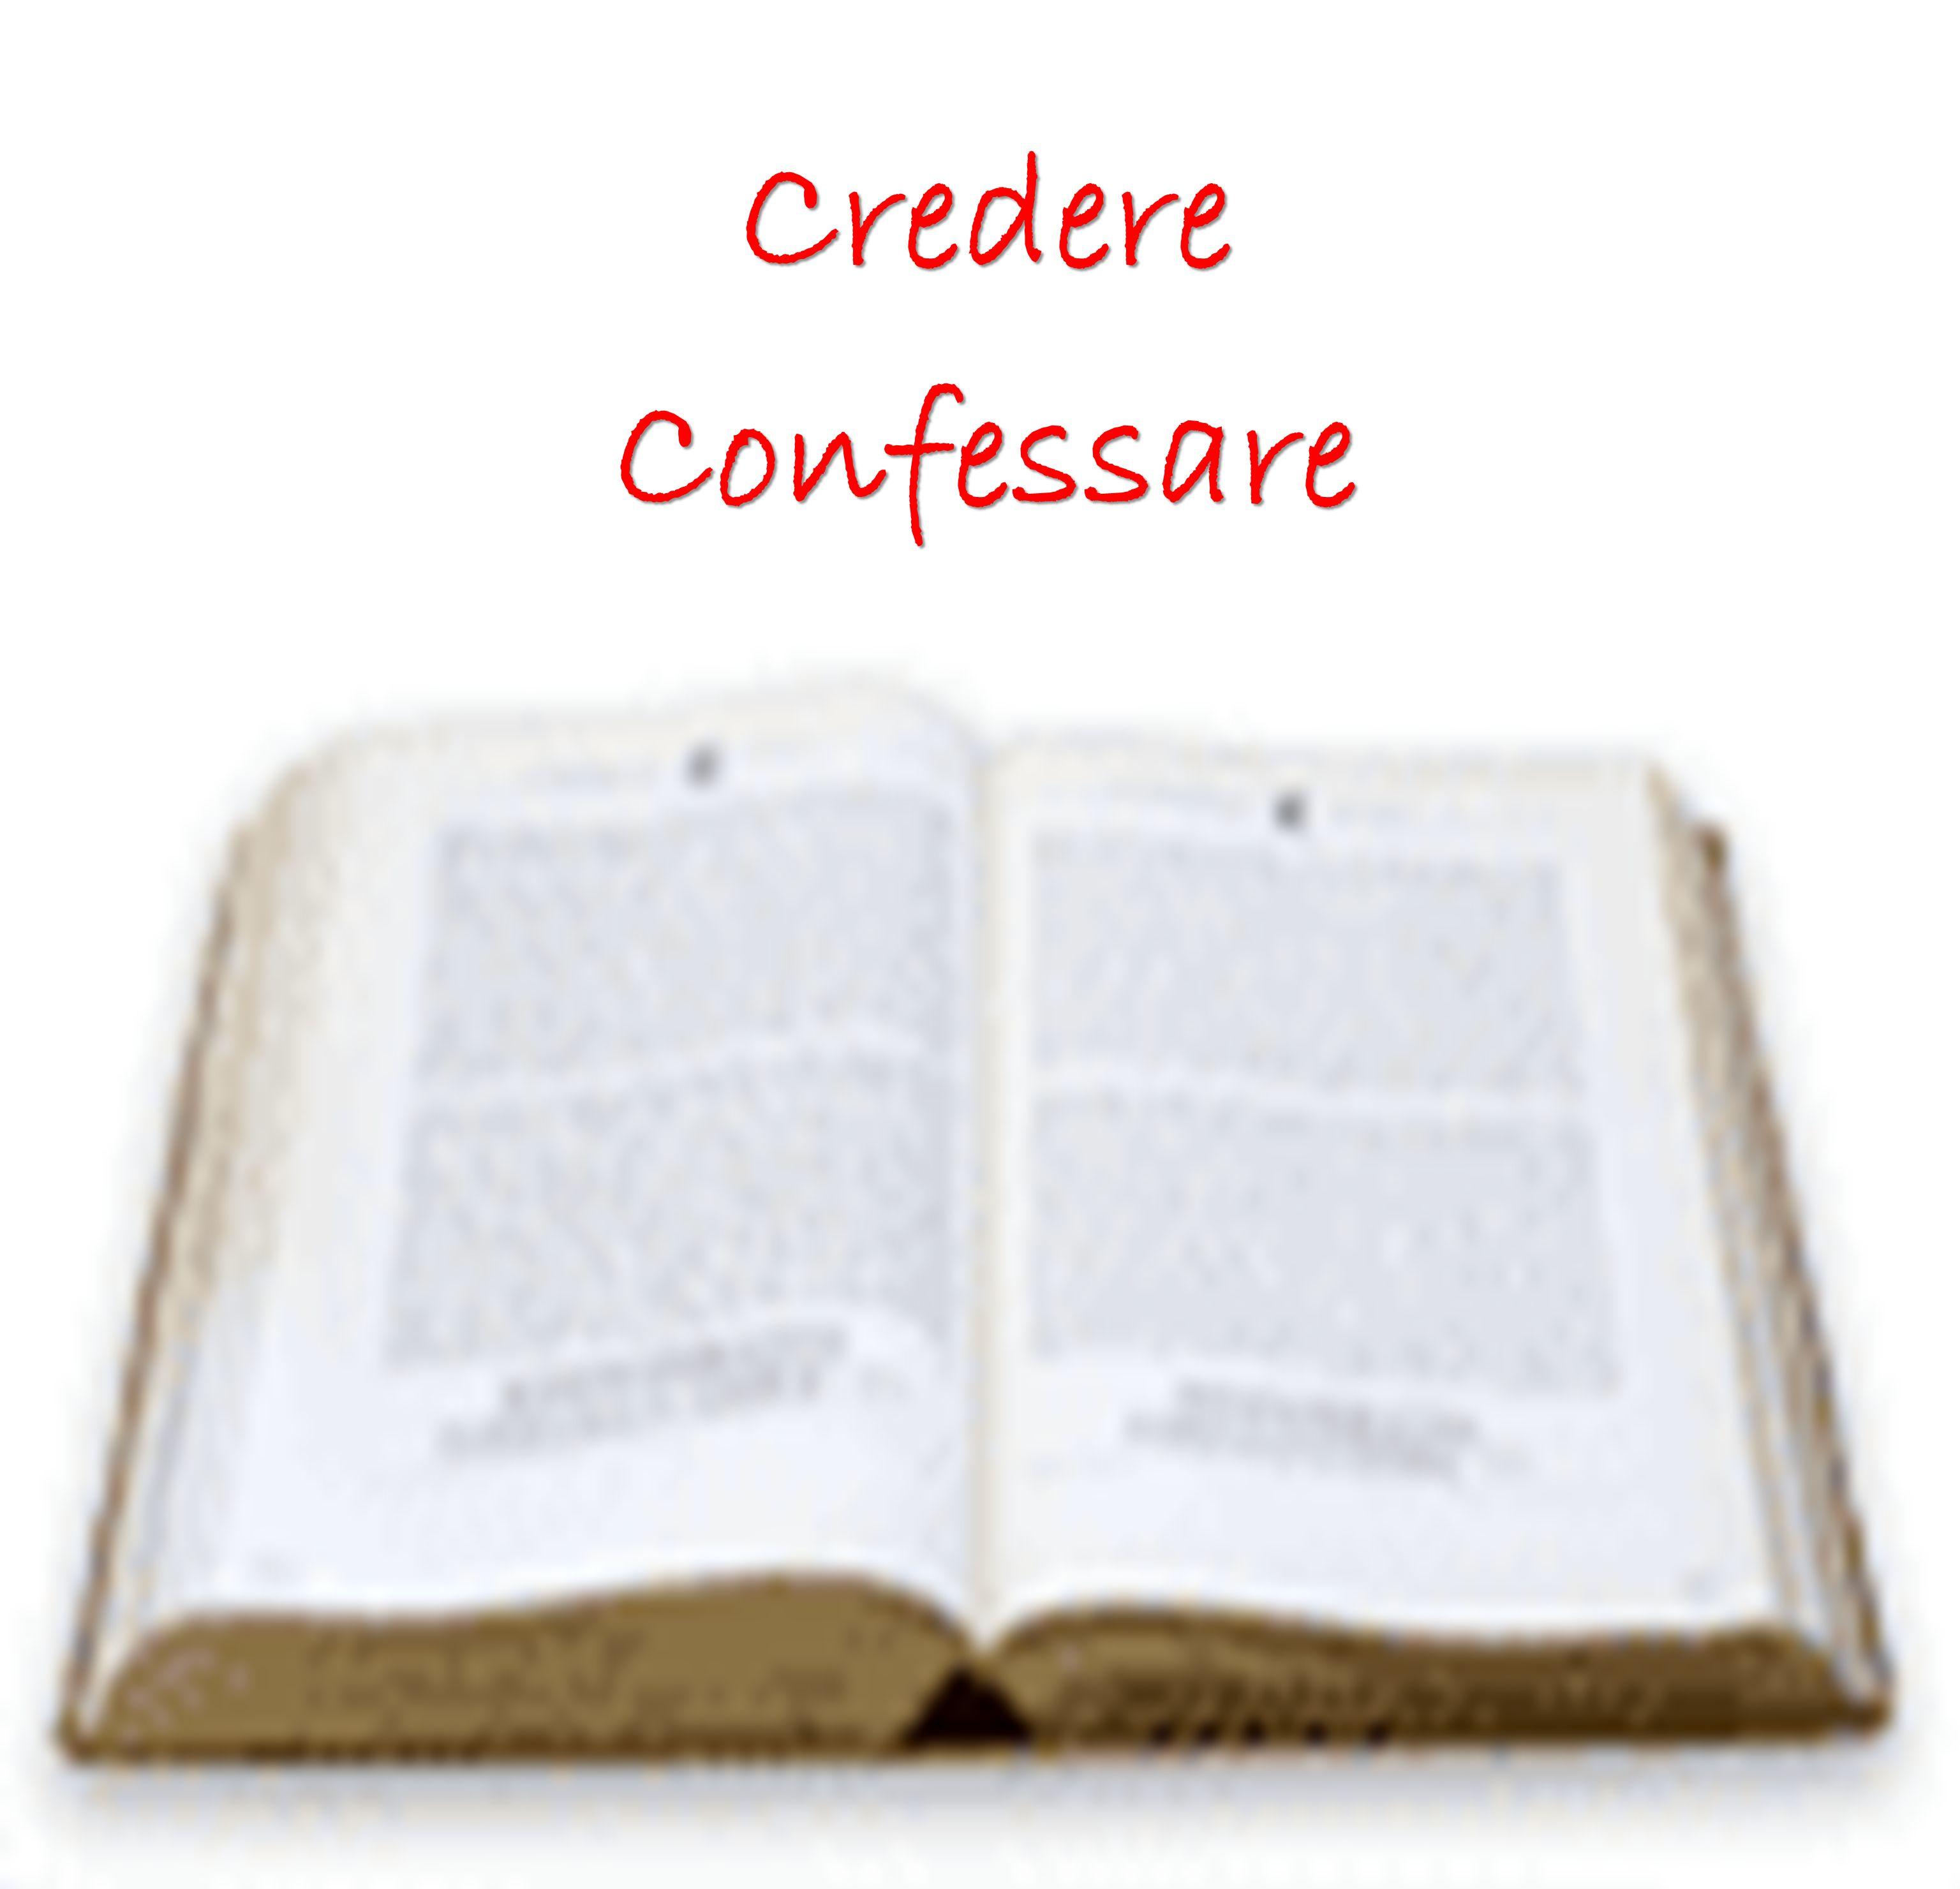 Credere Confessare